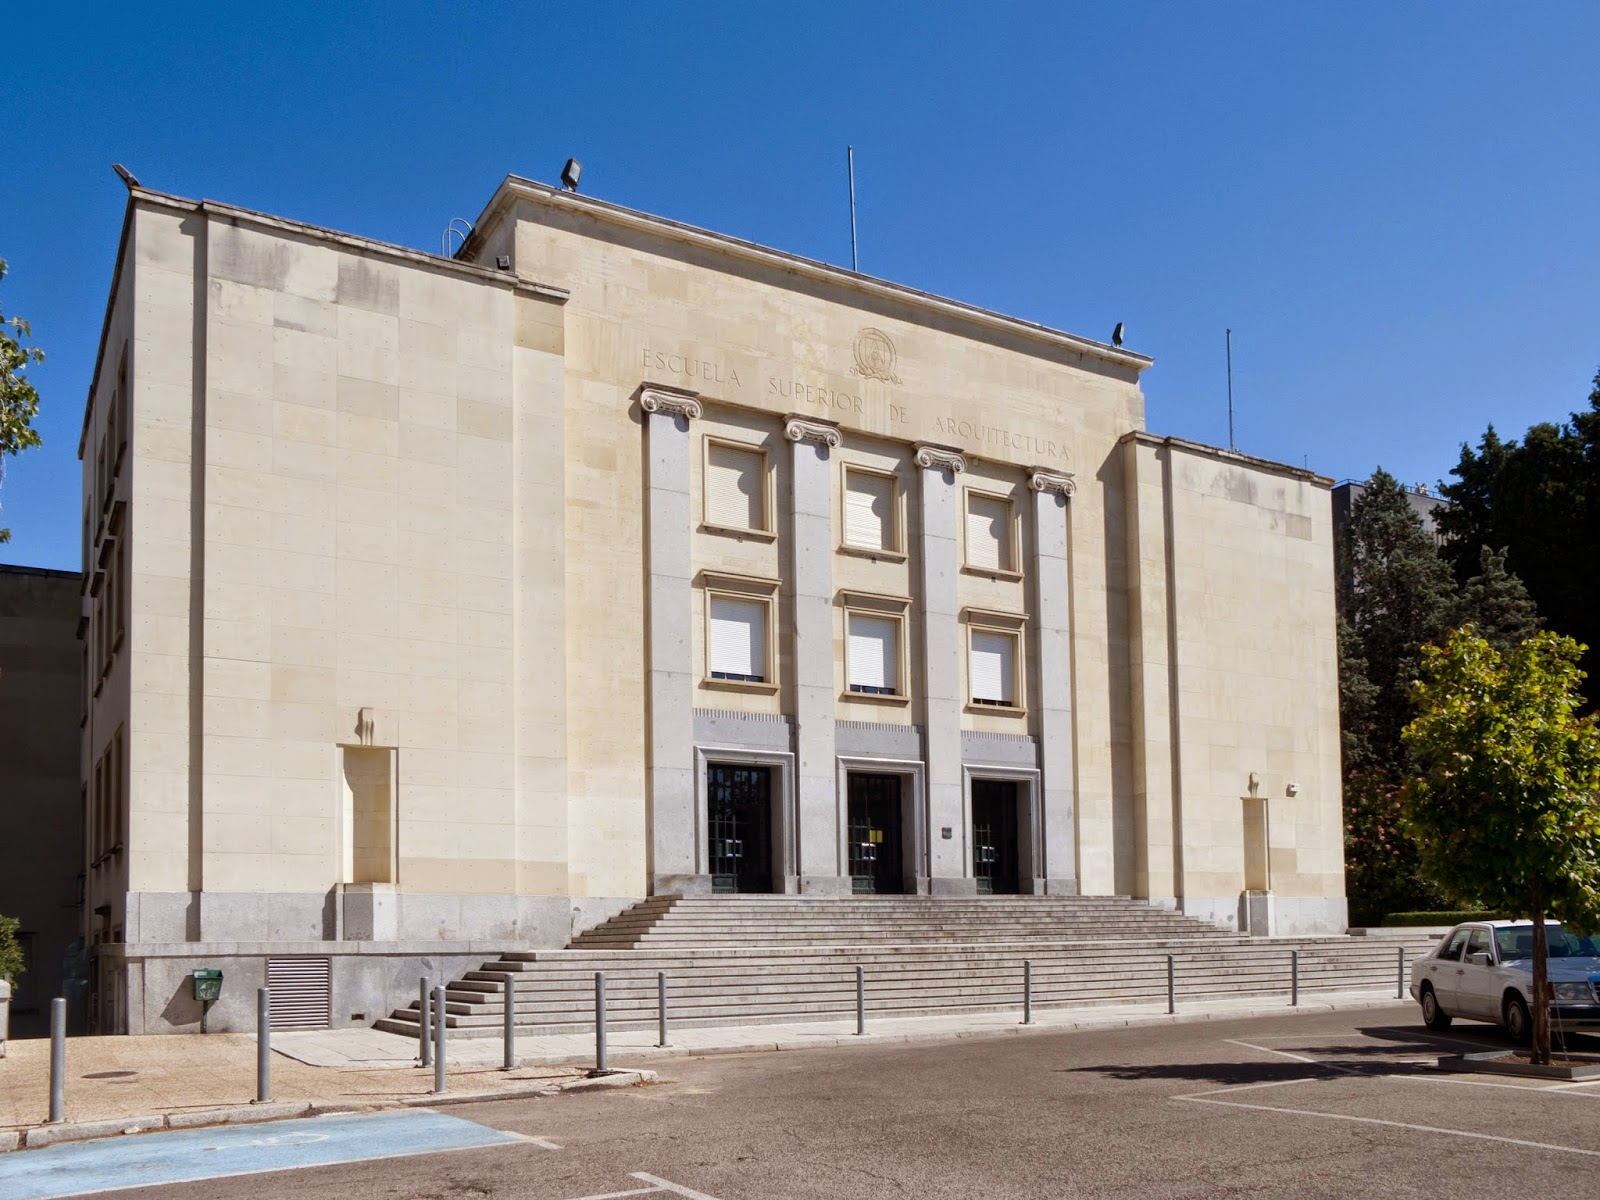 El molino de san fernando mayo 2015 - Escuela superior de arquitectura de san sebastian ...